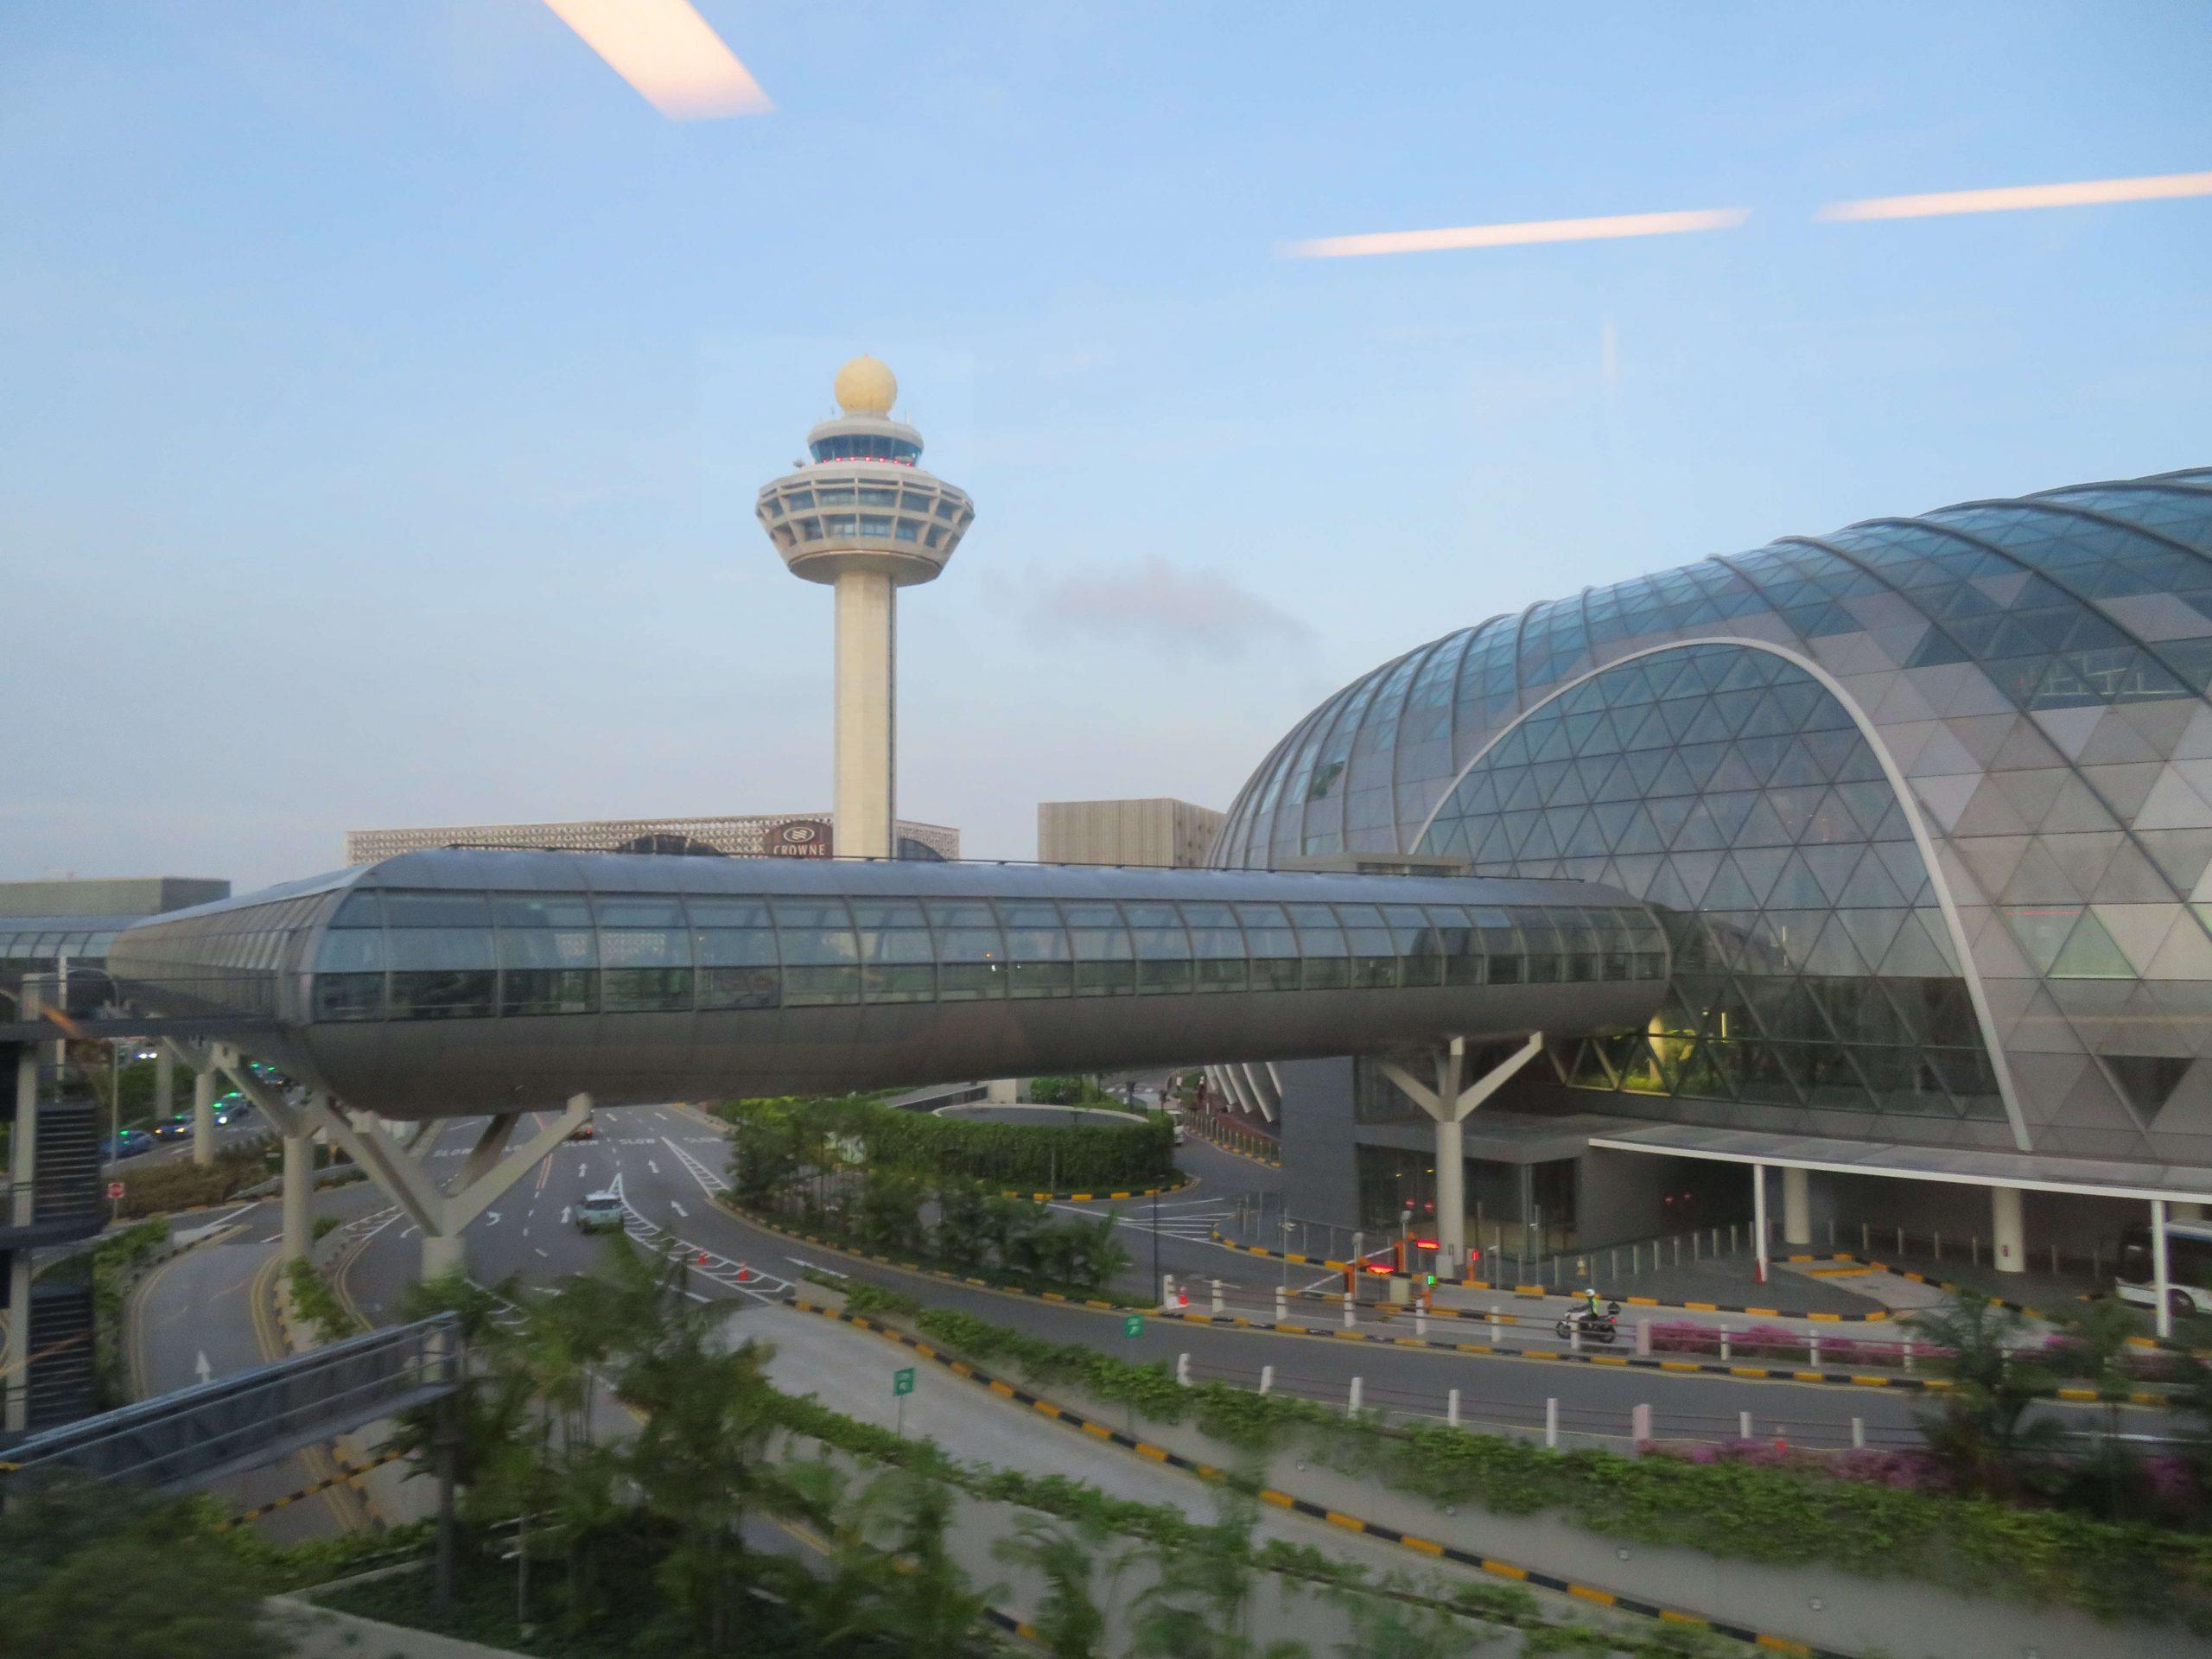 Vue extérieure de l'aéroport Aéroport de Singapour Changi